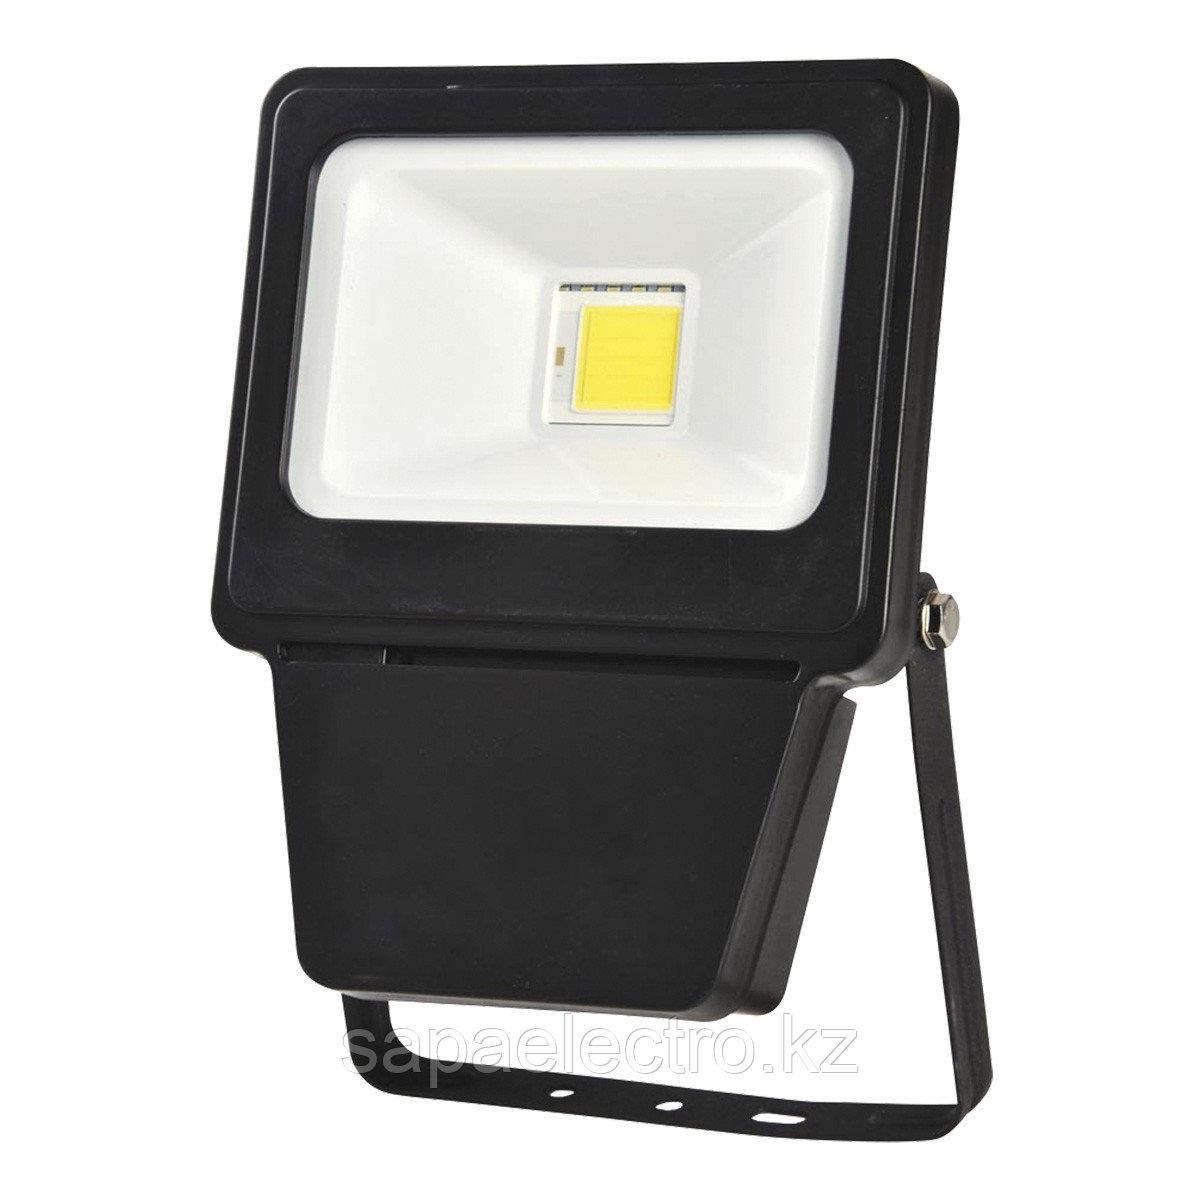 Prozhektor LED COB 20W BLACK 6000K (TEKLED)28sht